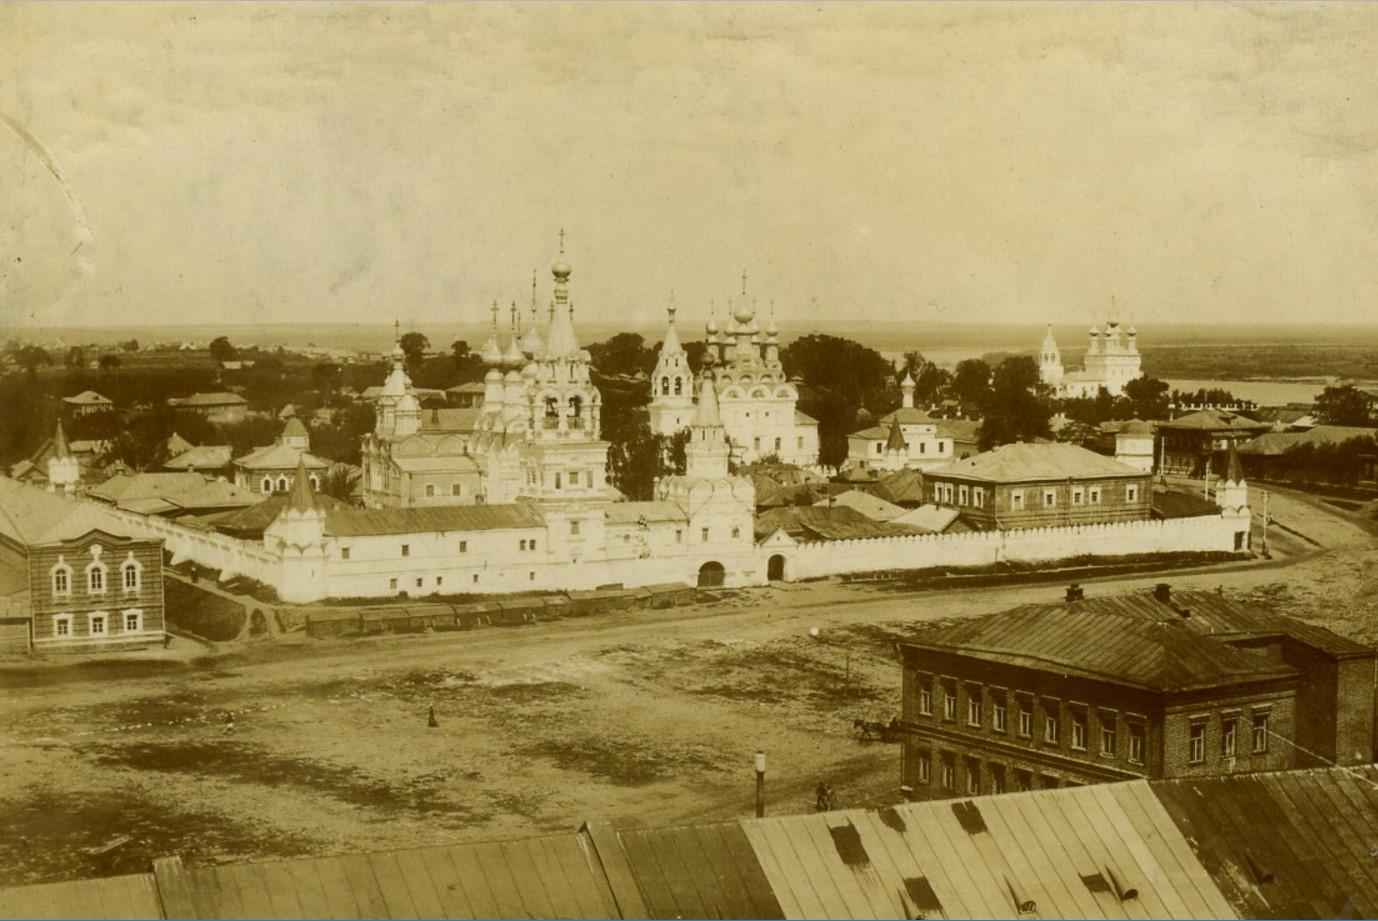 Ансамбль Троицкого и Благовещенского монастырей. 17 июня 1902